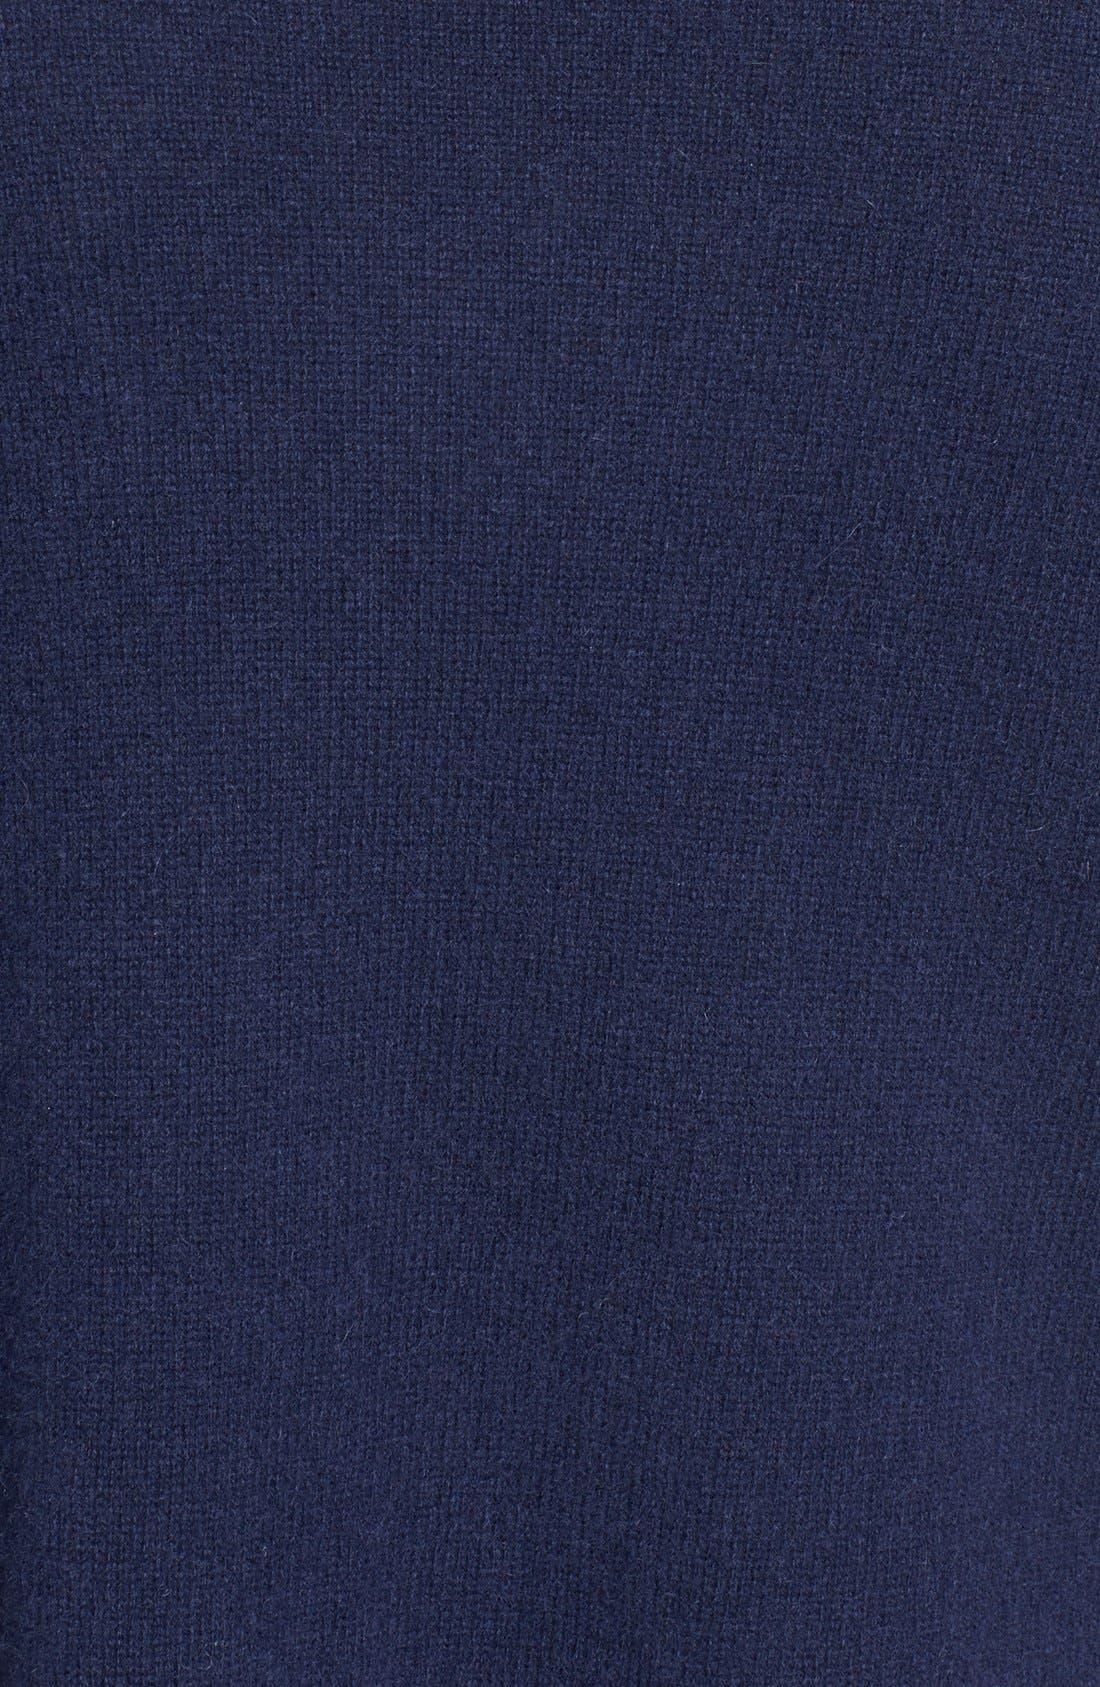 Alternate Image 3  - Diane von Furstenberg 'Ahiga' Turtleneck Sweater